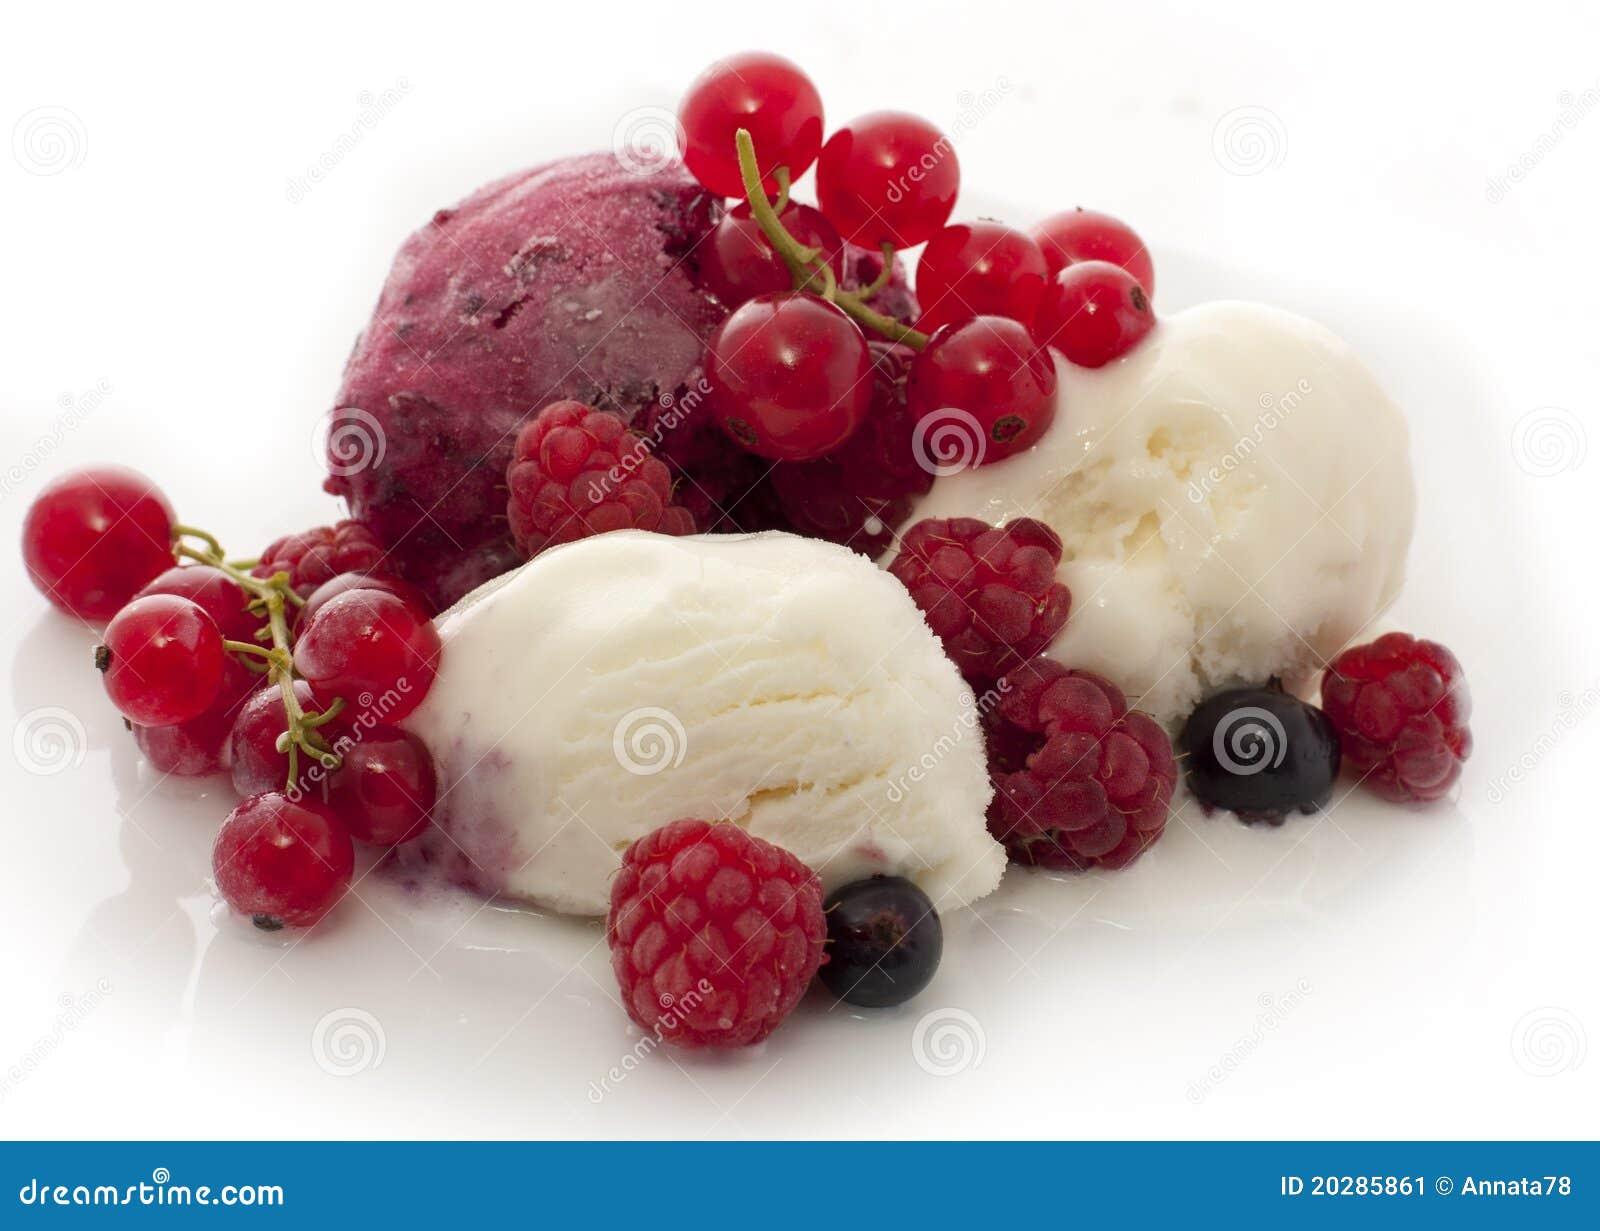 Fruit Ice Cream Stock Image - Image: 20285861